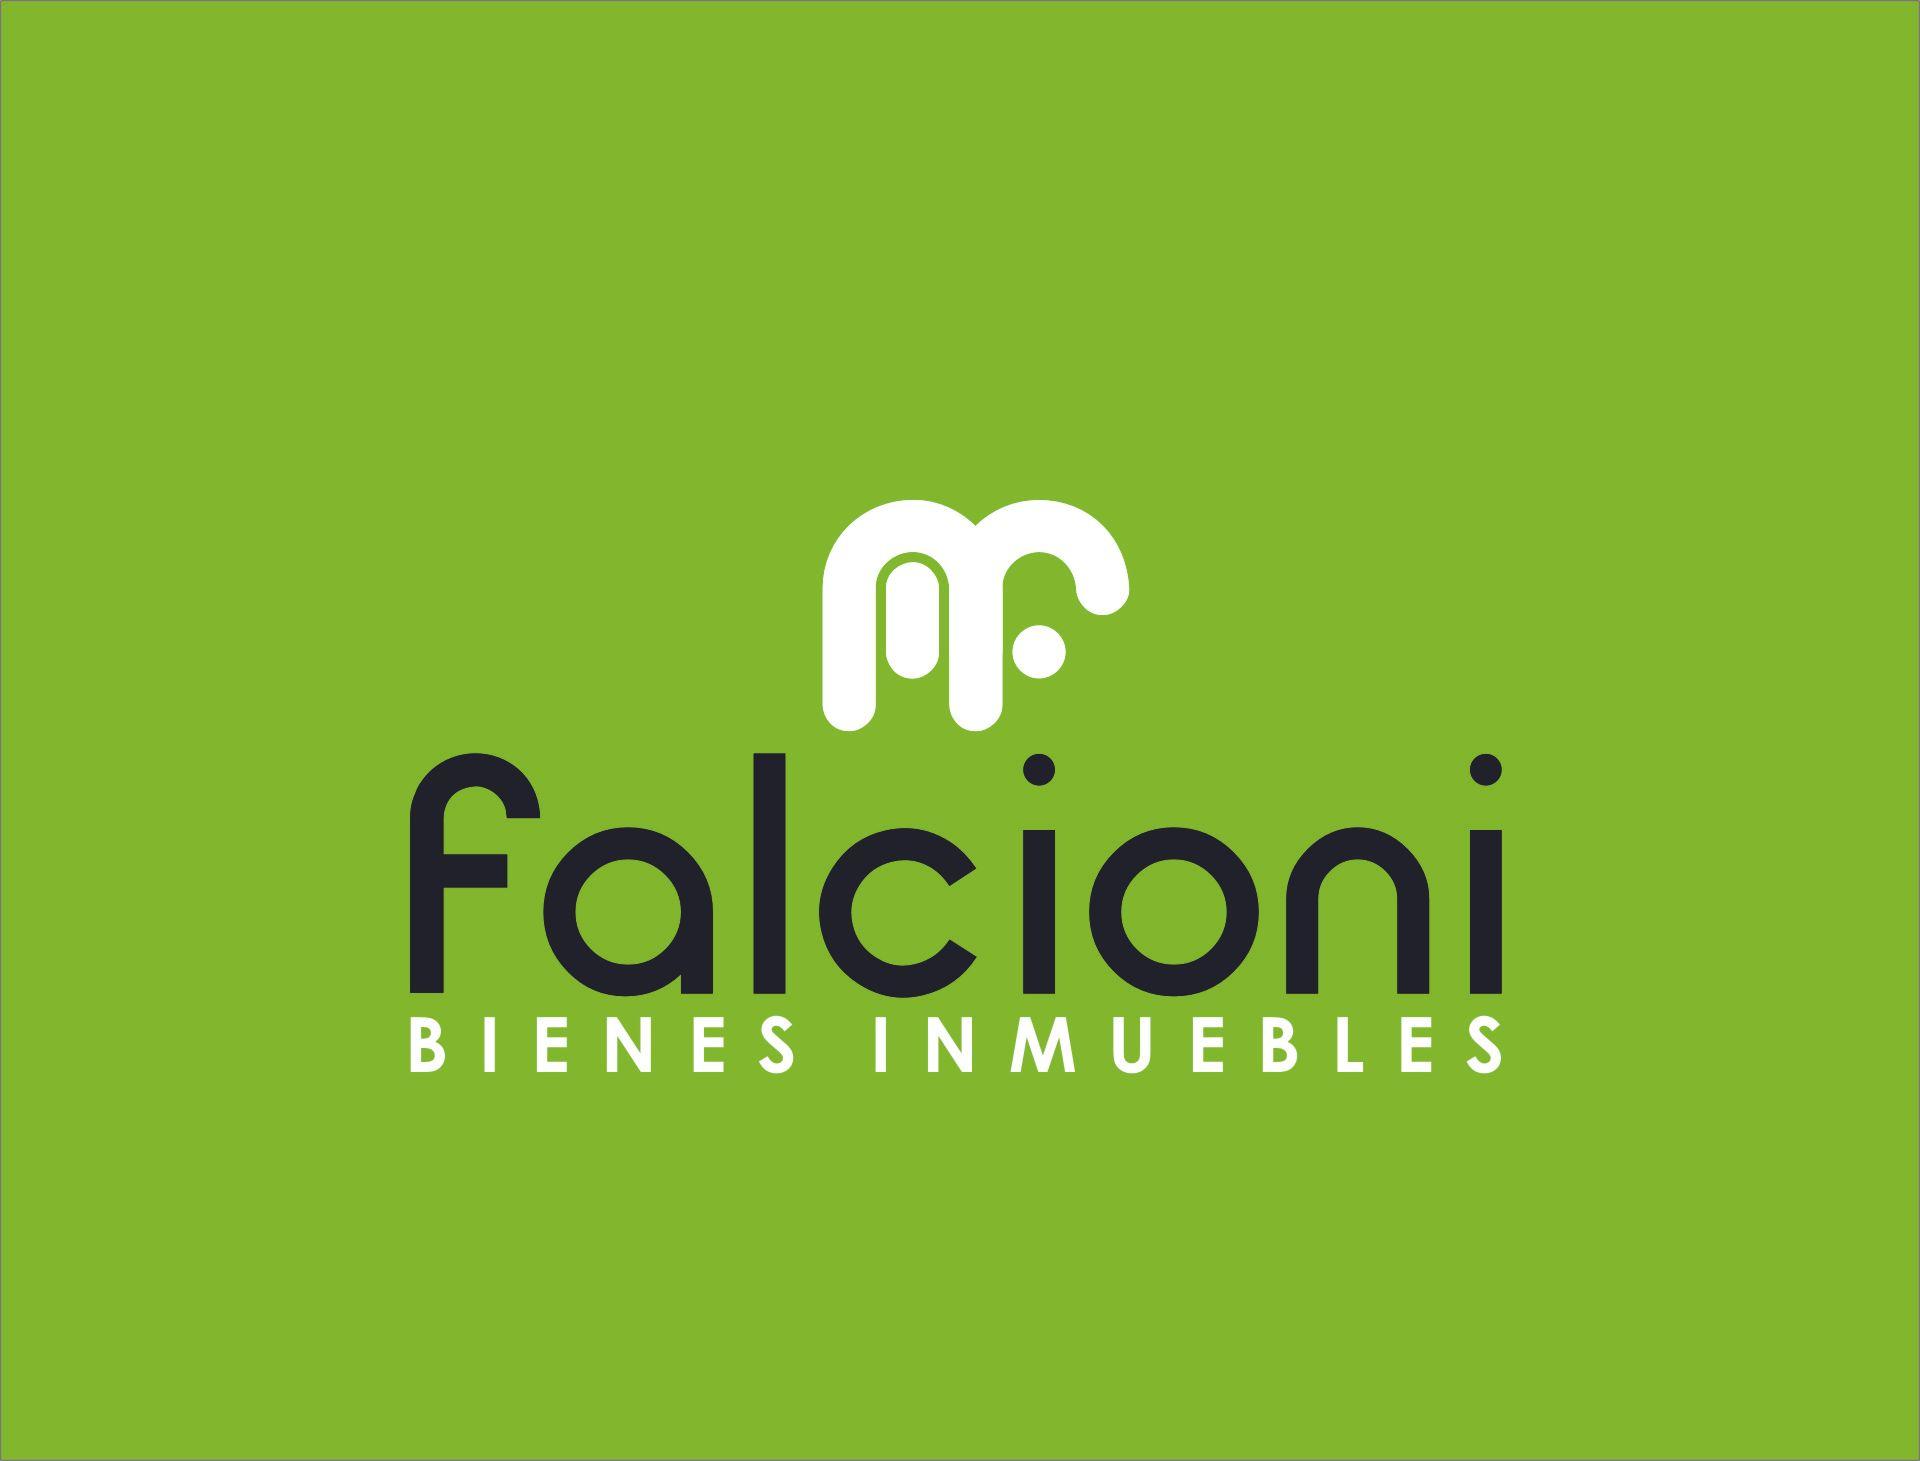 Logo de  Falcioni Bienes Inmuebles